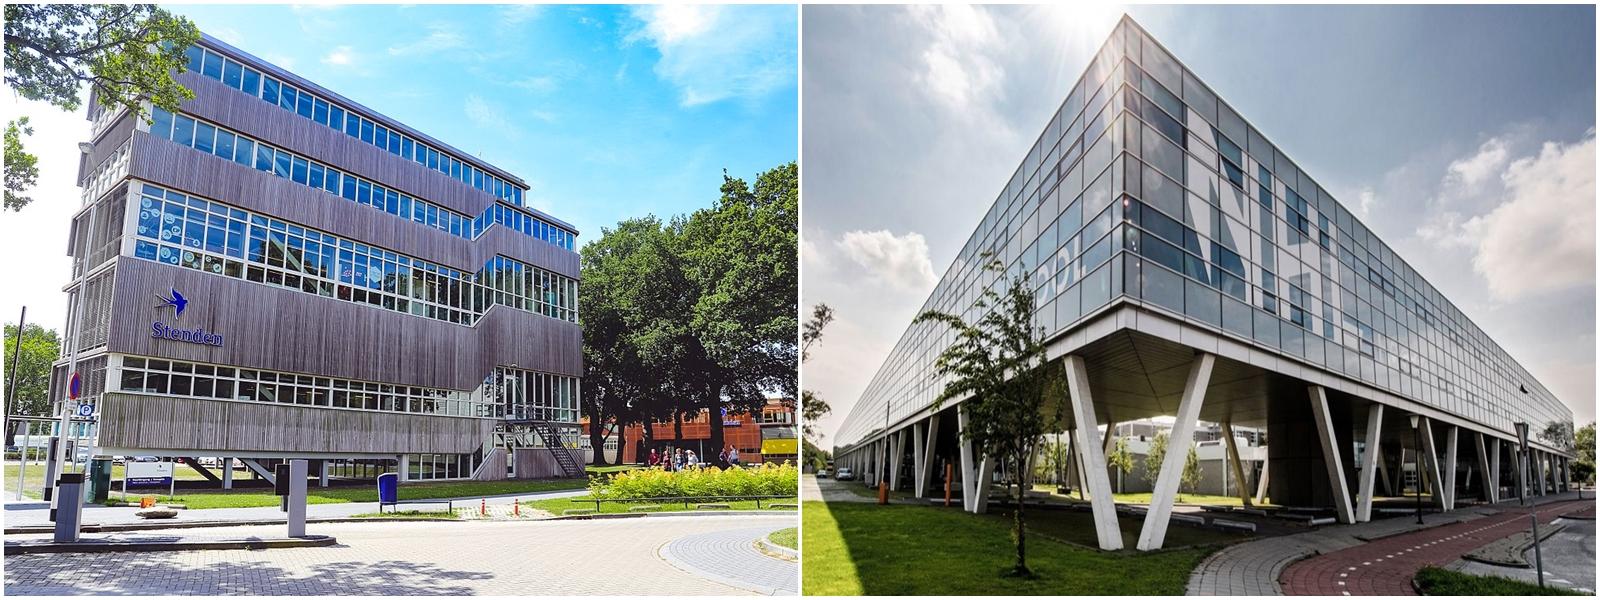 Đại học KHUD NHL Stenden nâng tầm chất lượng và vị thế giáo dục sau khi sáp nhập